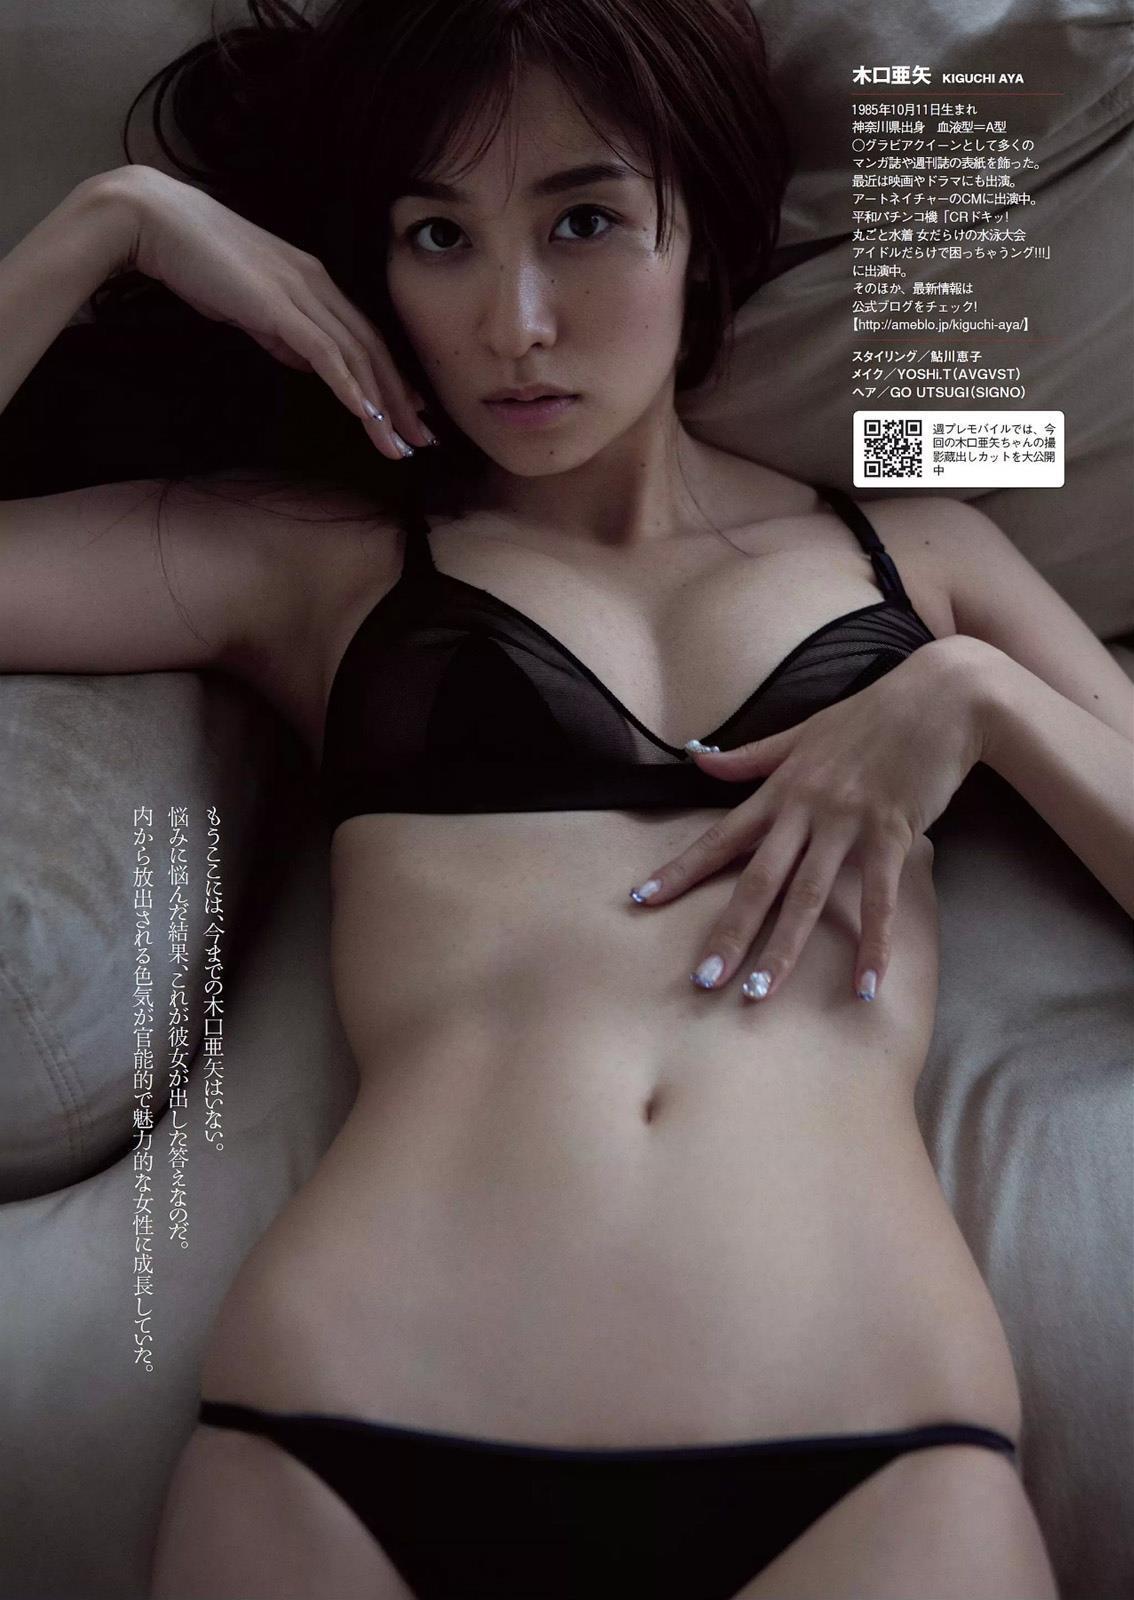 kiguchi_aya158.jpg